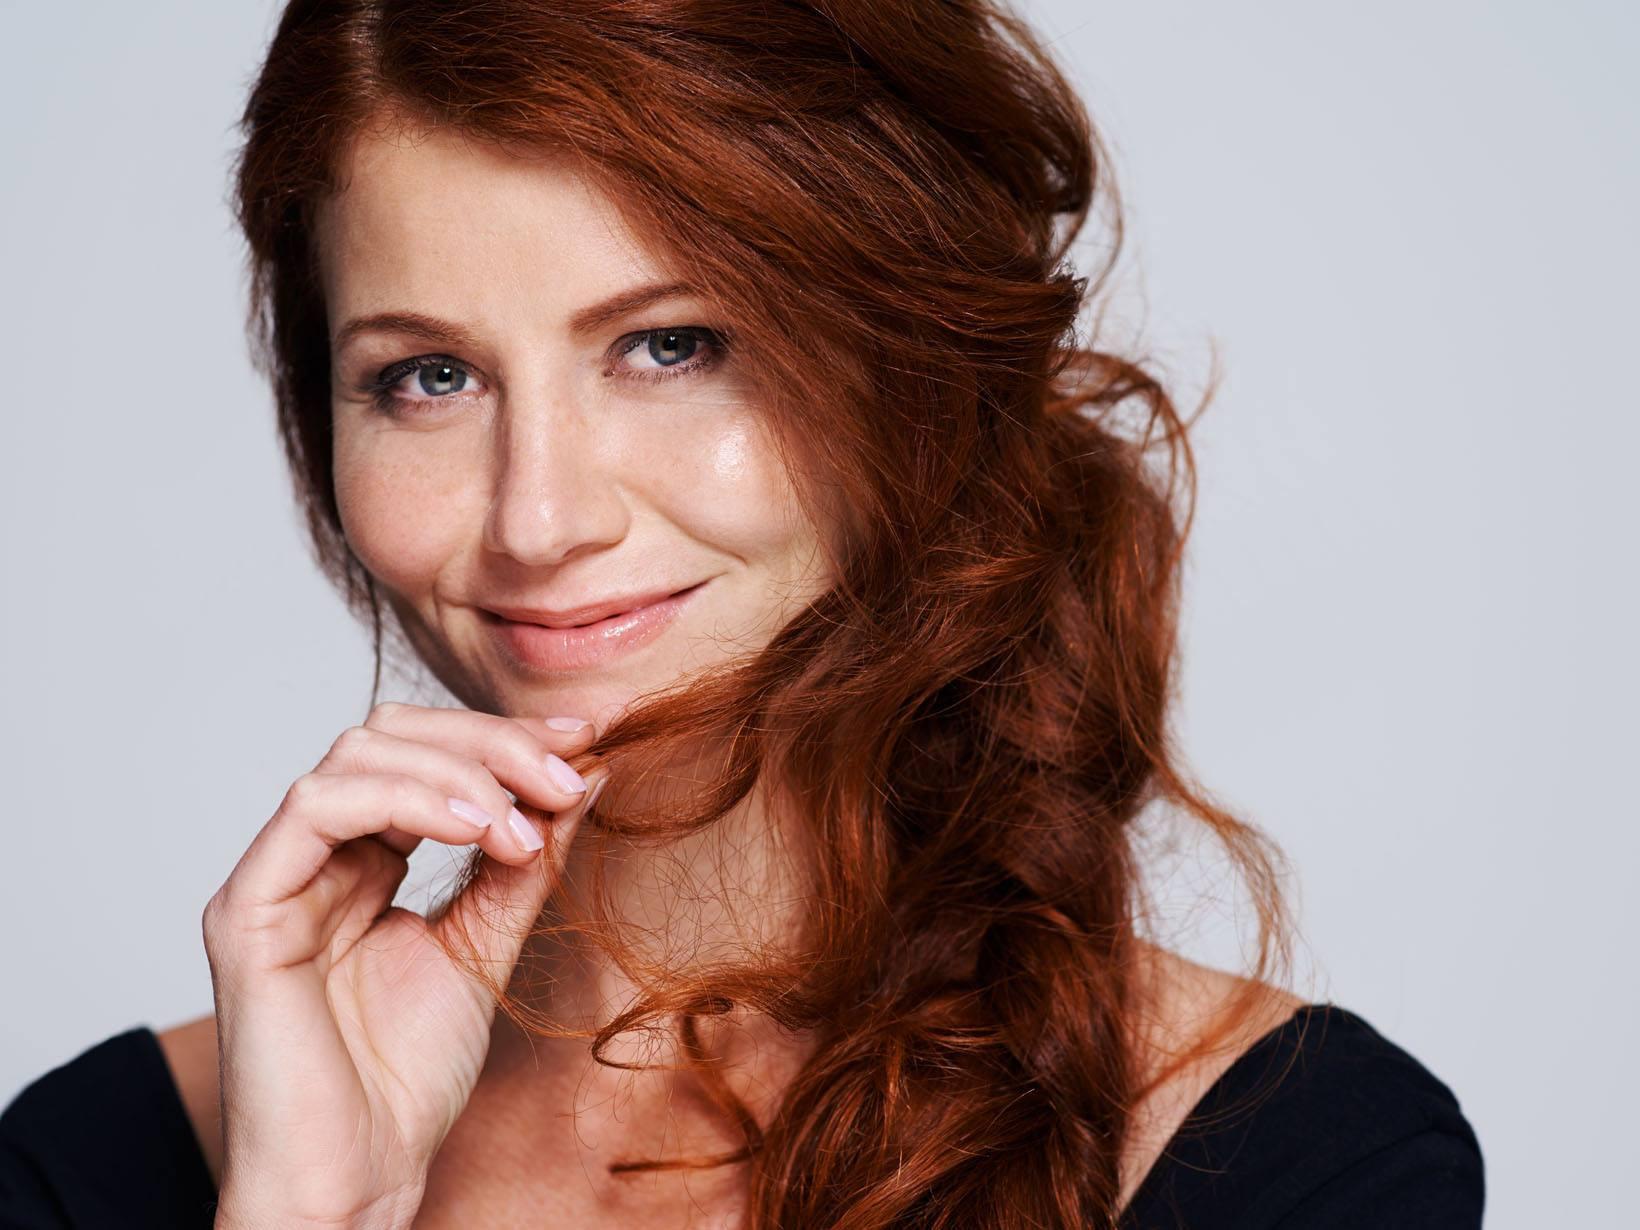 Frisuren Dicke Frauen  Frisuren und Styling Tipps für dickes Haar – NIVEA